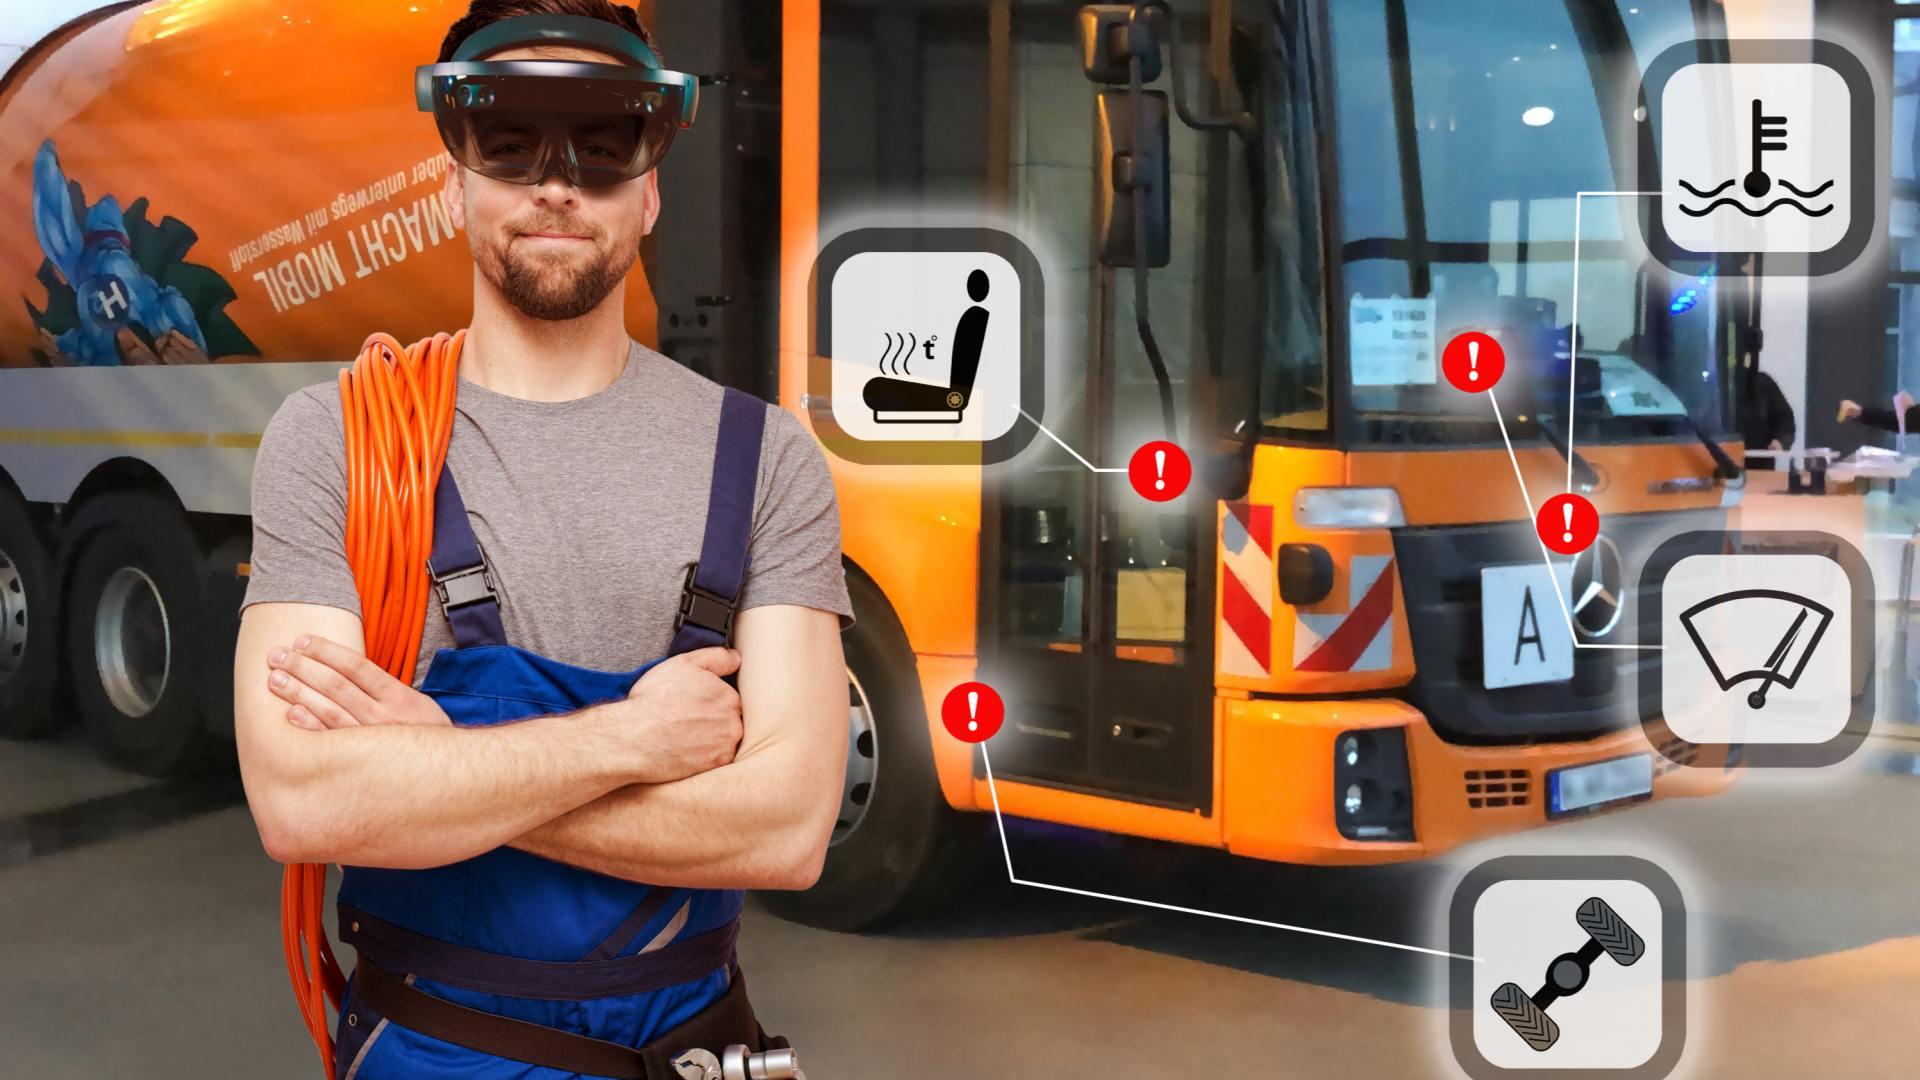 Komplexe Aufgaben in der Kommunalwirtschaft mithilfe von Virtual Reality lösen